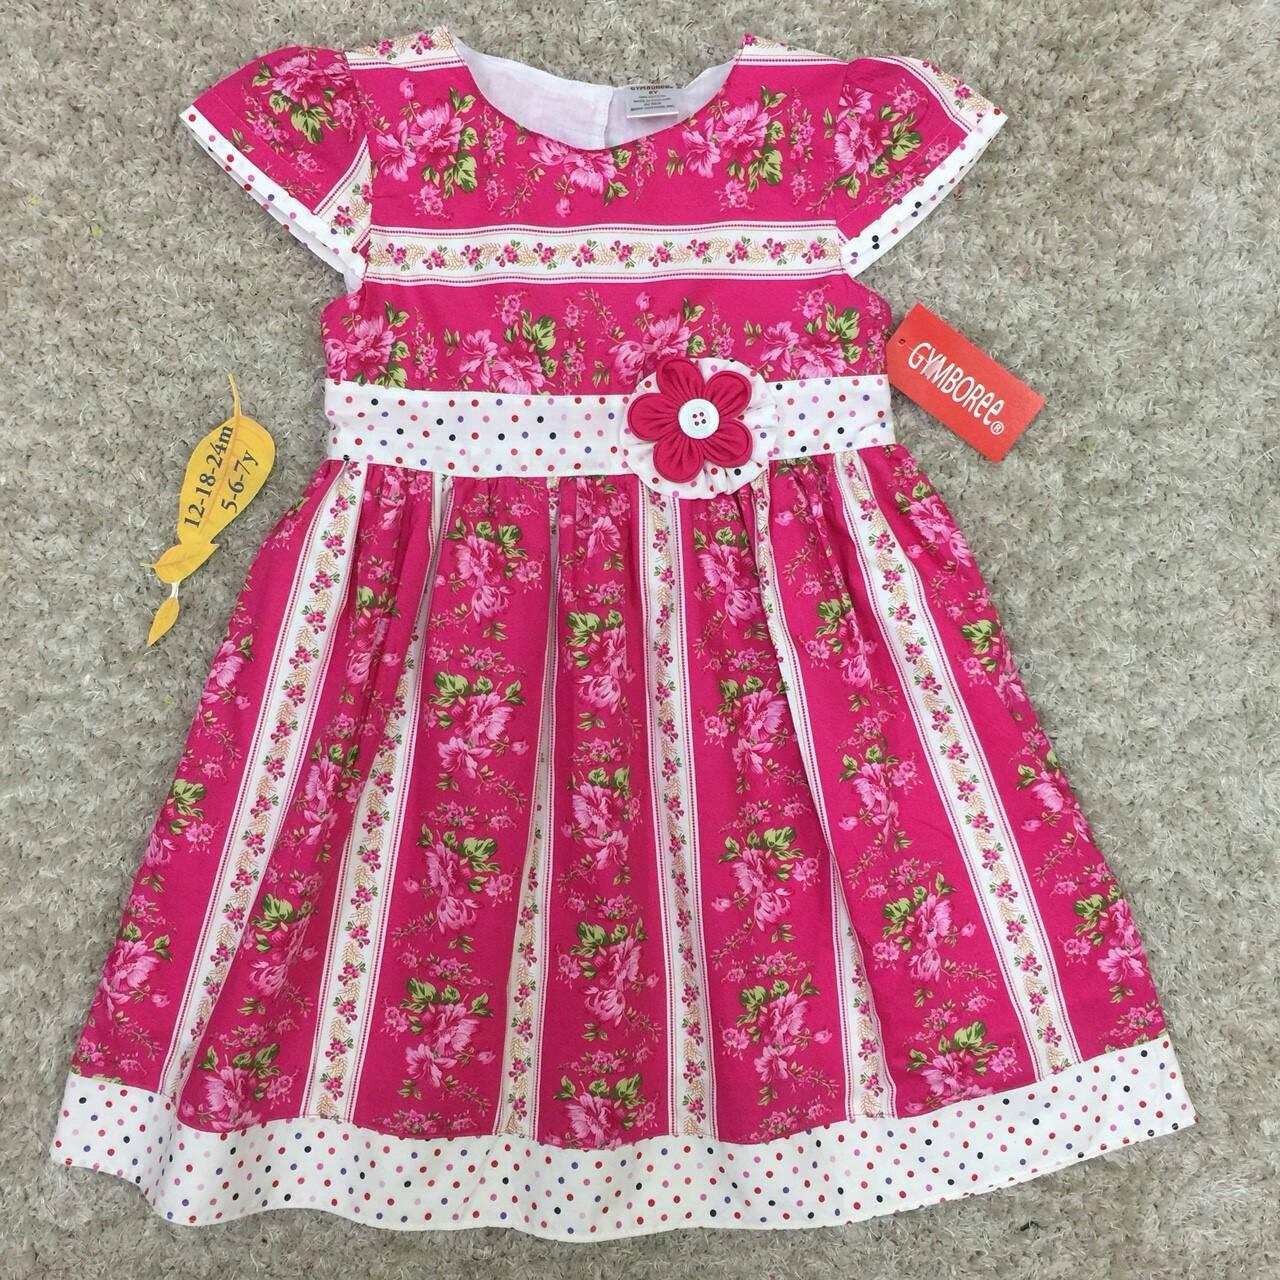 hเสื้อผ้าเด็ก 5-7ปี size 5Y-6Y-7Y ลายดอกไม้ สีชมพู แต่งด้วยดอกไม้ผ้า handmade